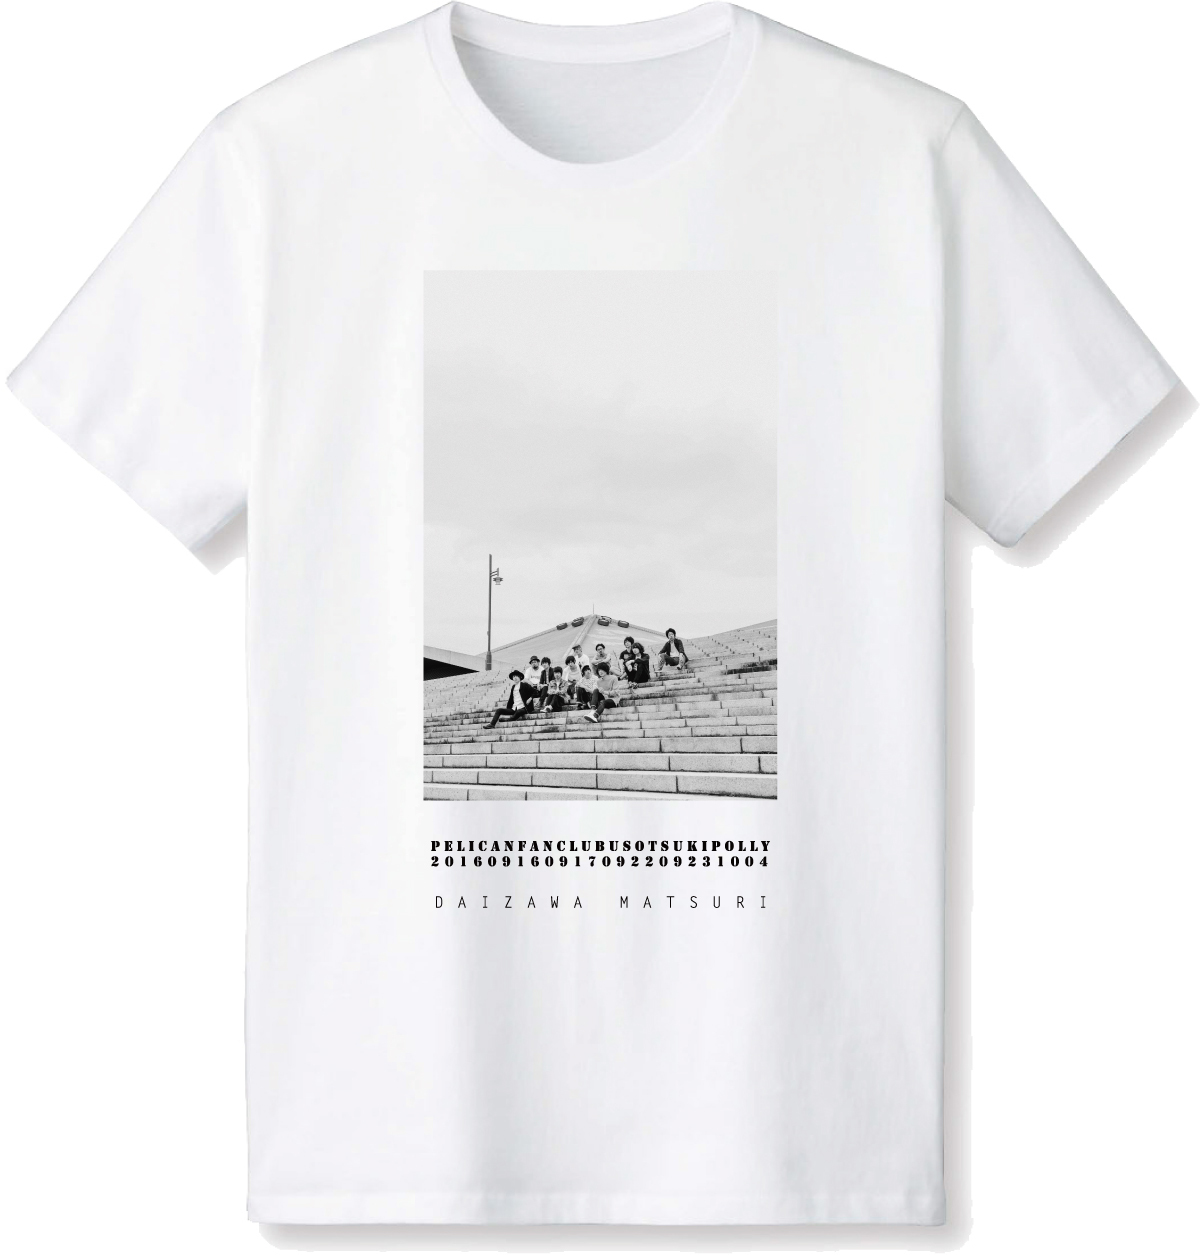 代沢まつり限定Tシャツ